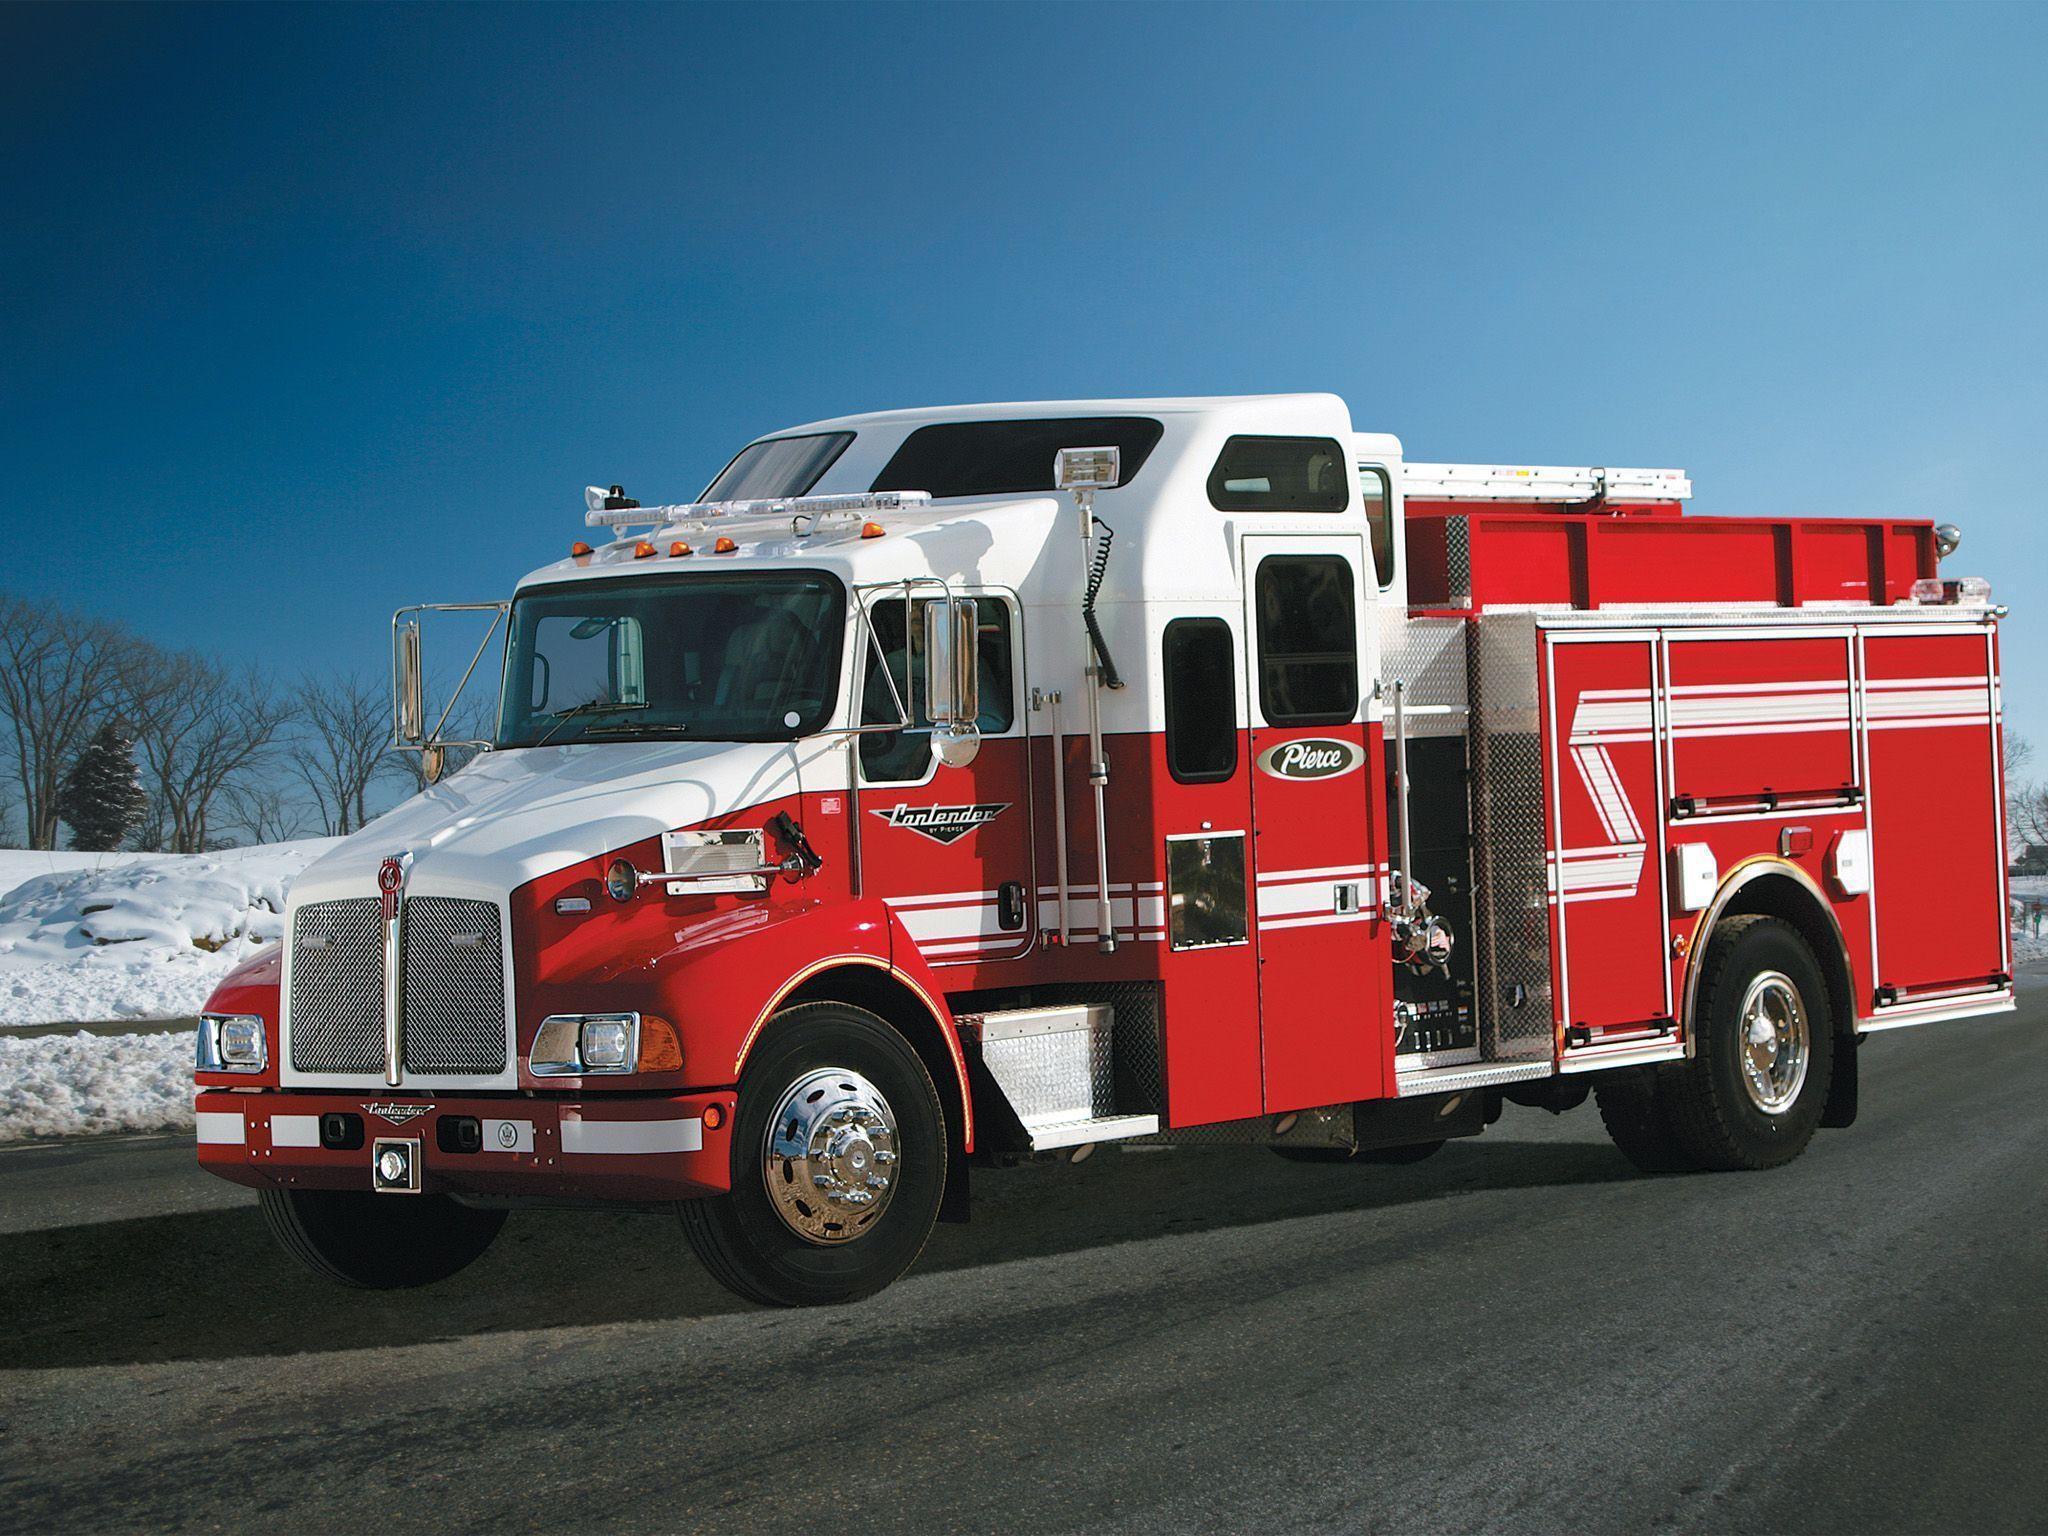 Fire Truck Wallpapers 2048x1536